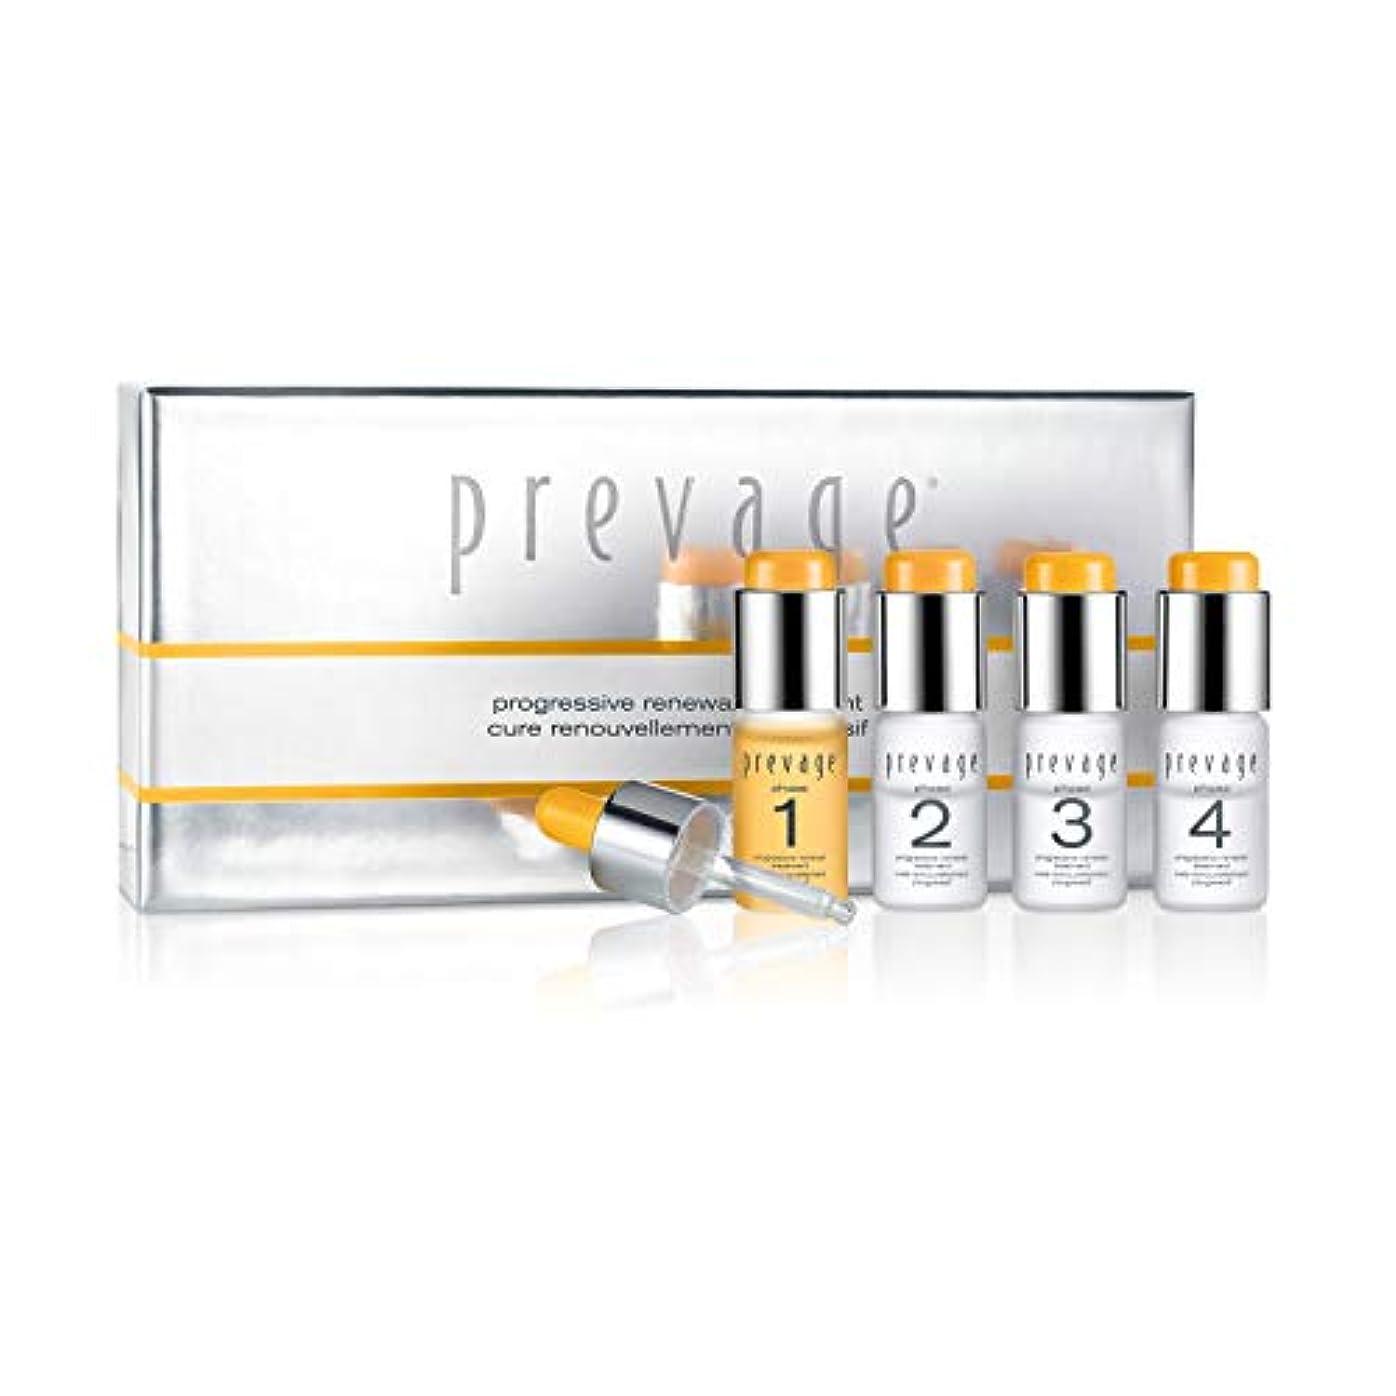 アクティブお金ゴム挑発するPrevage by Elizabeth Arden Progressive Renewal Treatment 4x10ml/0.33oz並行輸入品